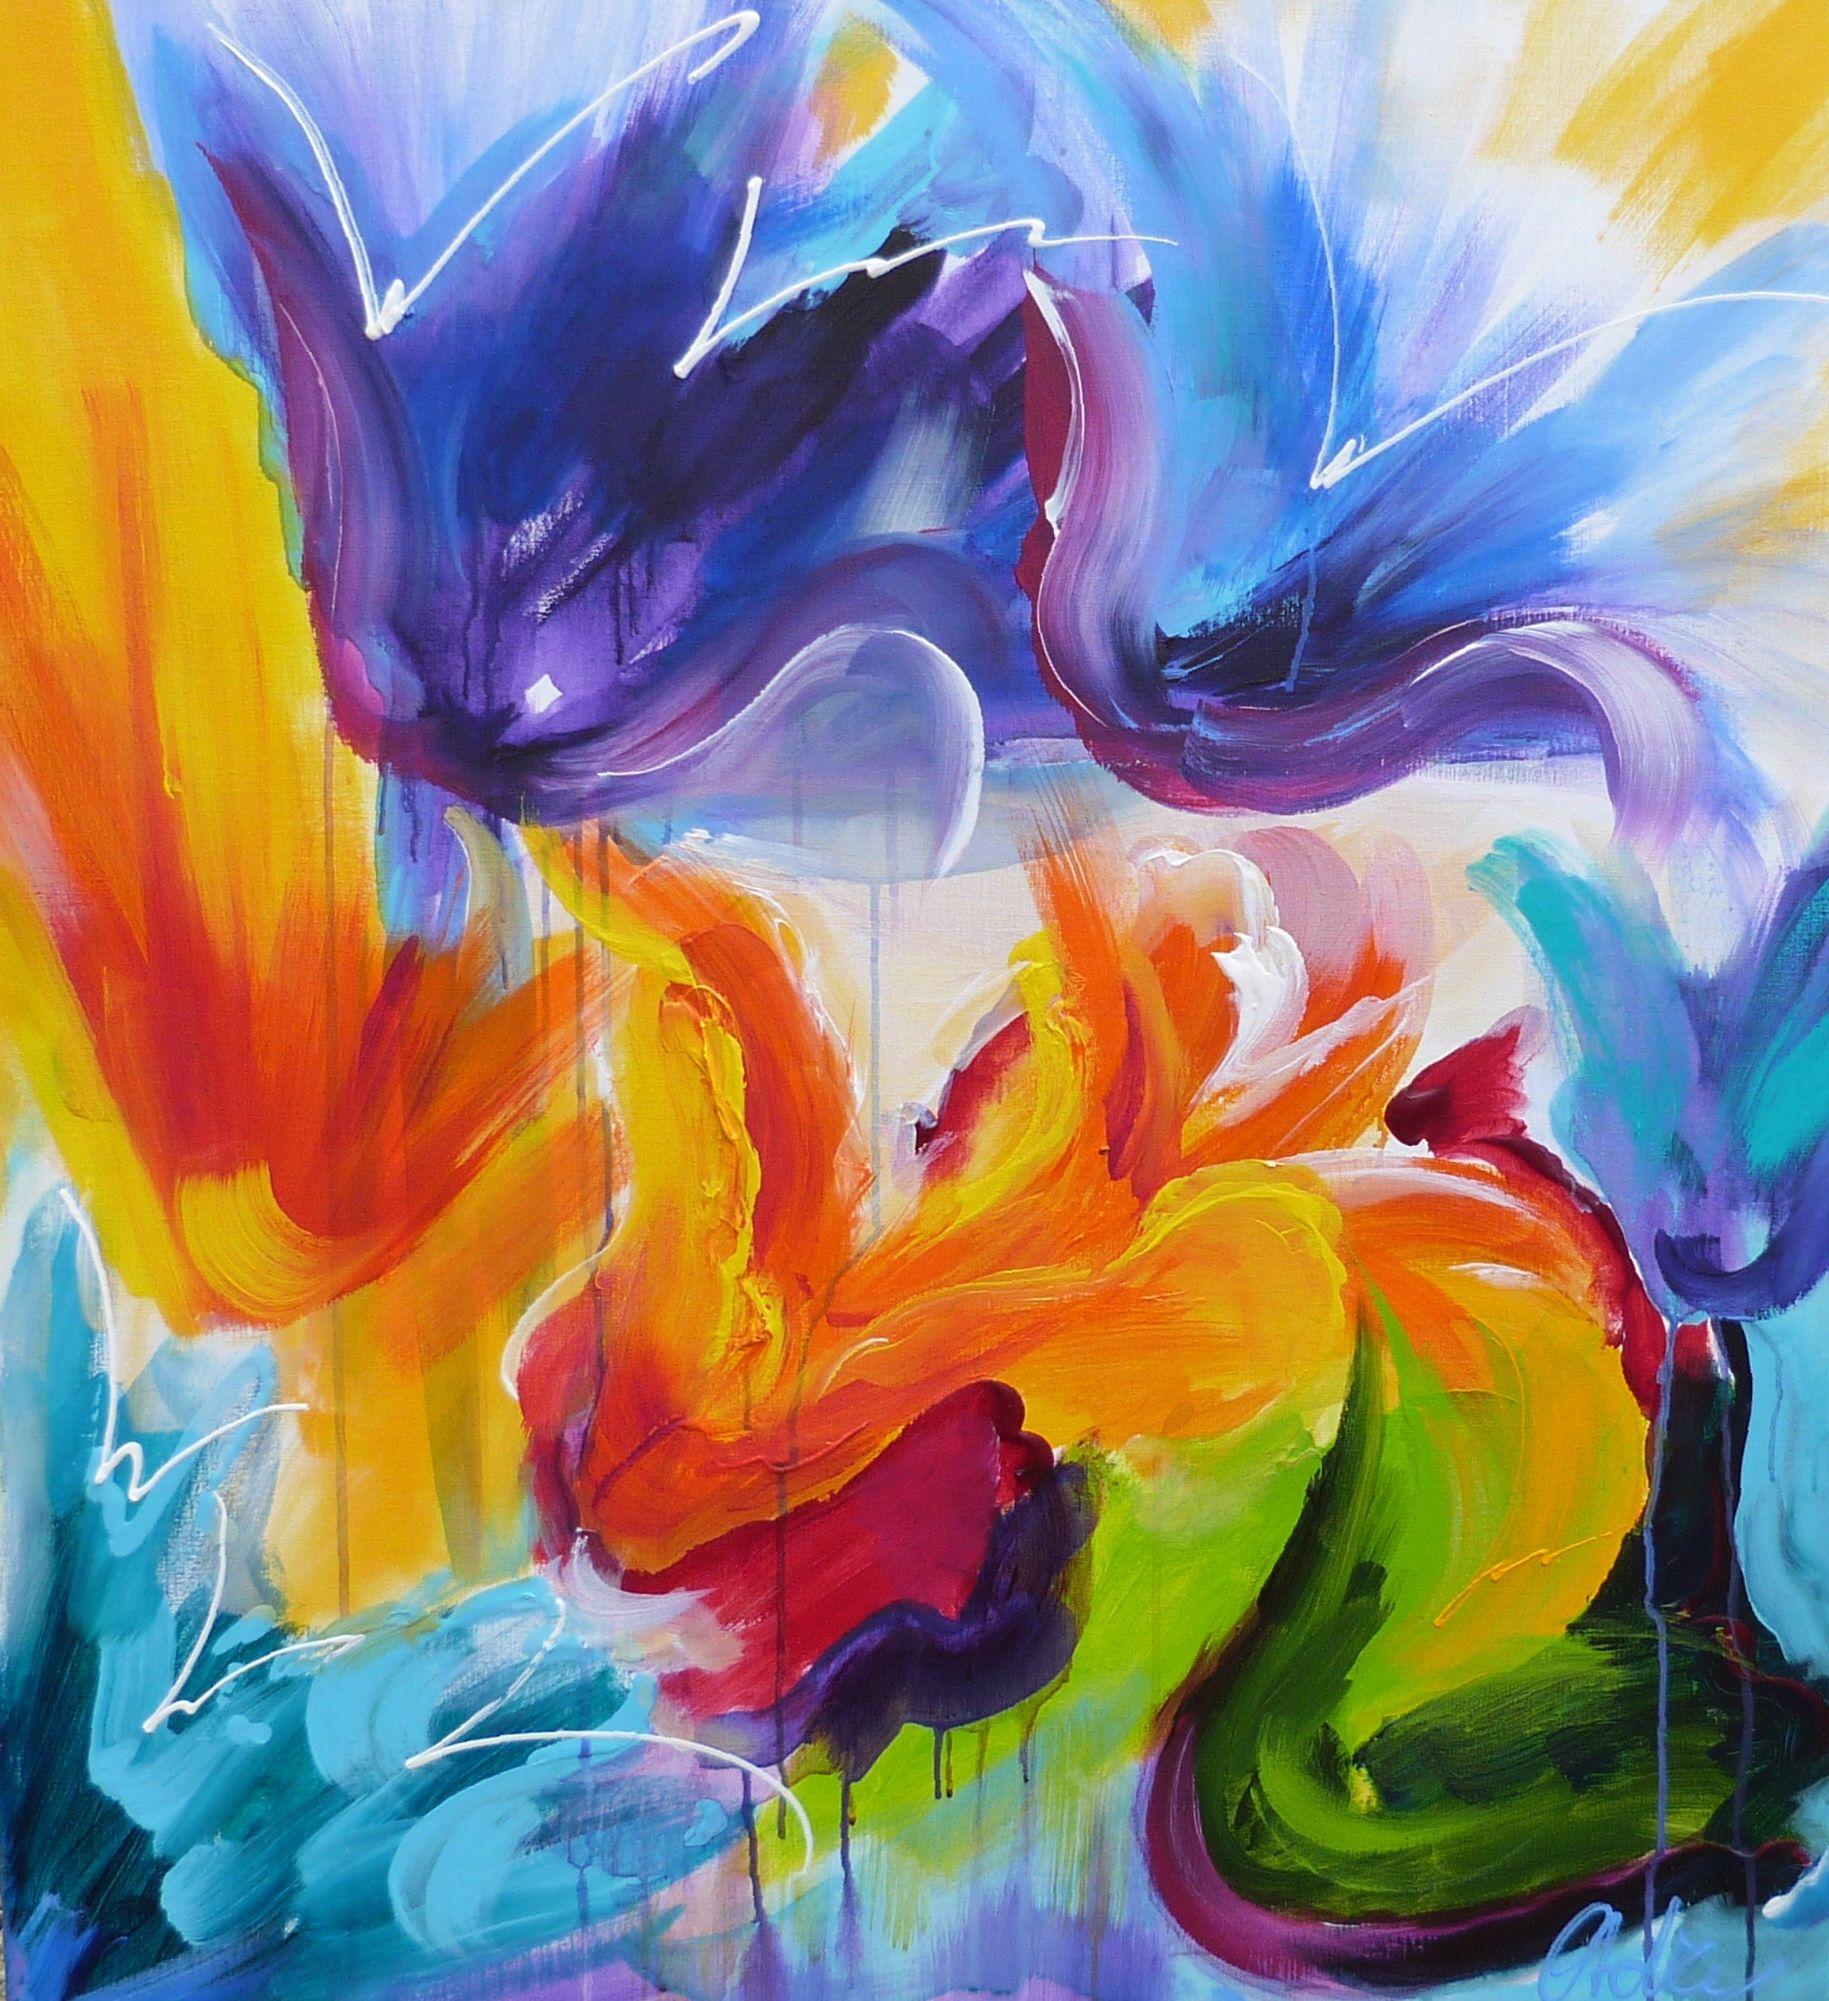 Adry's schilderij nr. 2014  met als titel: De tulpenwereld draait door  in het formaat: 90 x 100 cm.